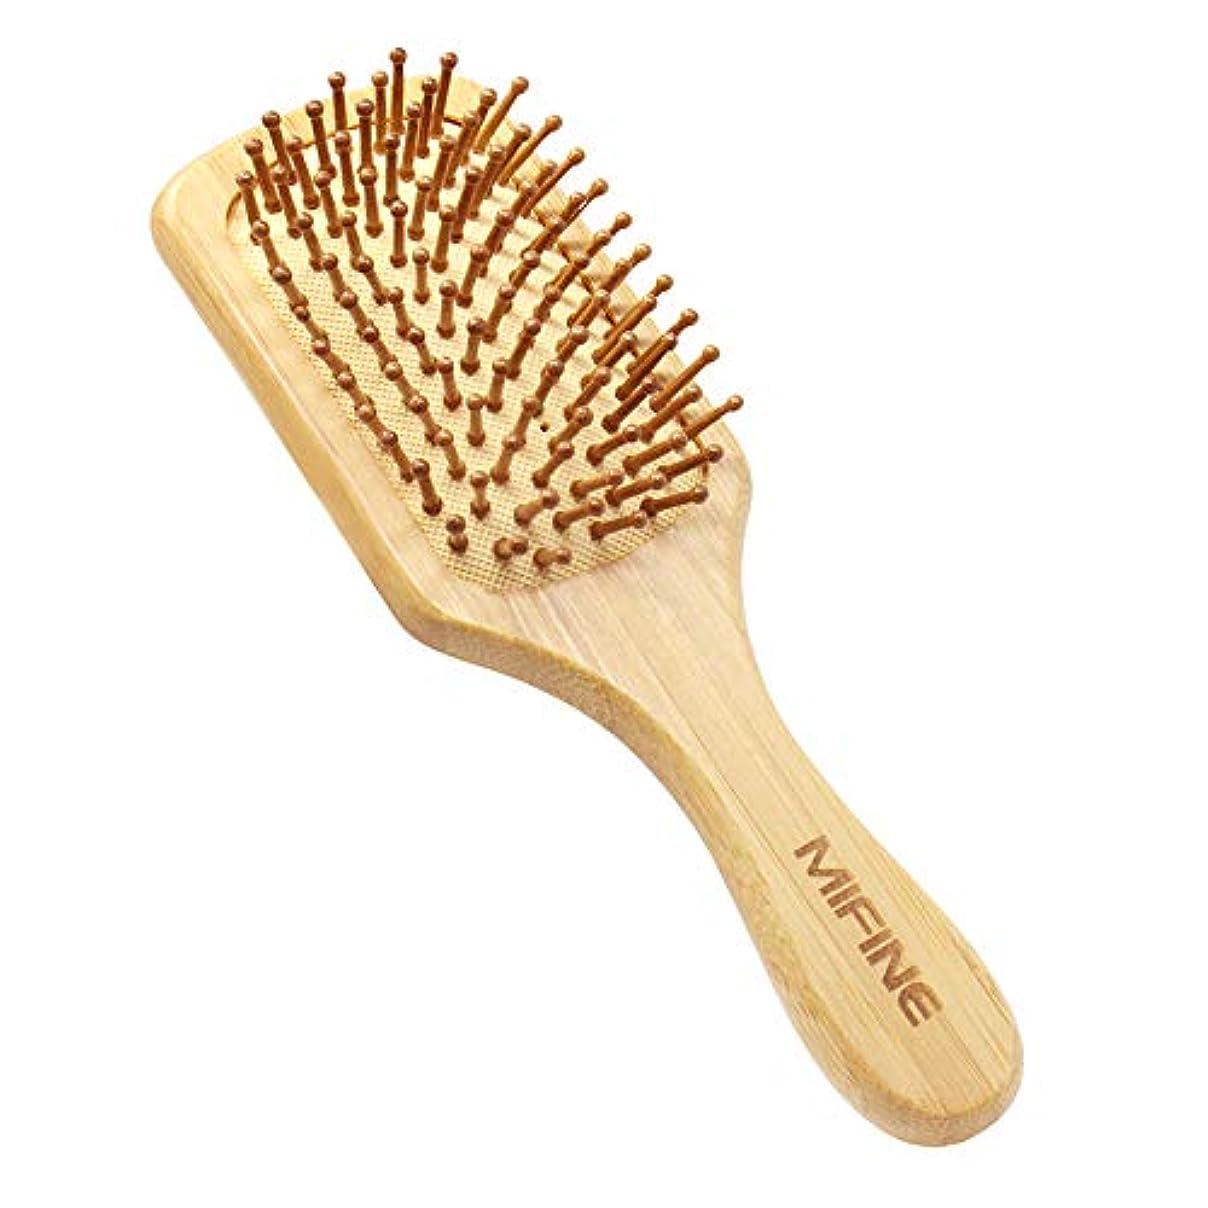 塩辛い接地変形ヘアブラシ 携帯 Mifine 美髪ケア 櫛 木製 ヘアケア 頭皮&肩&顔マッサージ 艶髪(小)